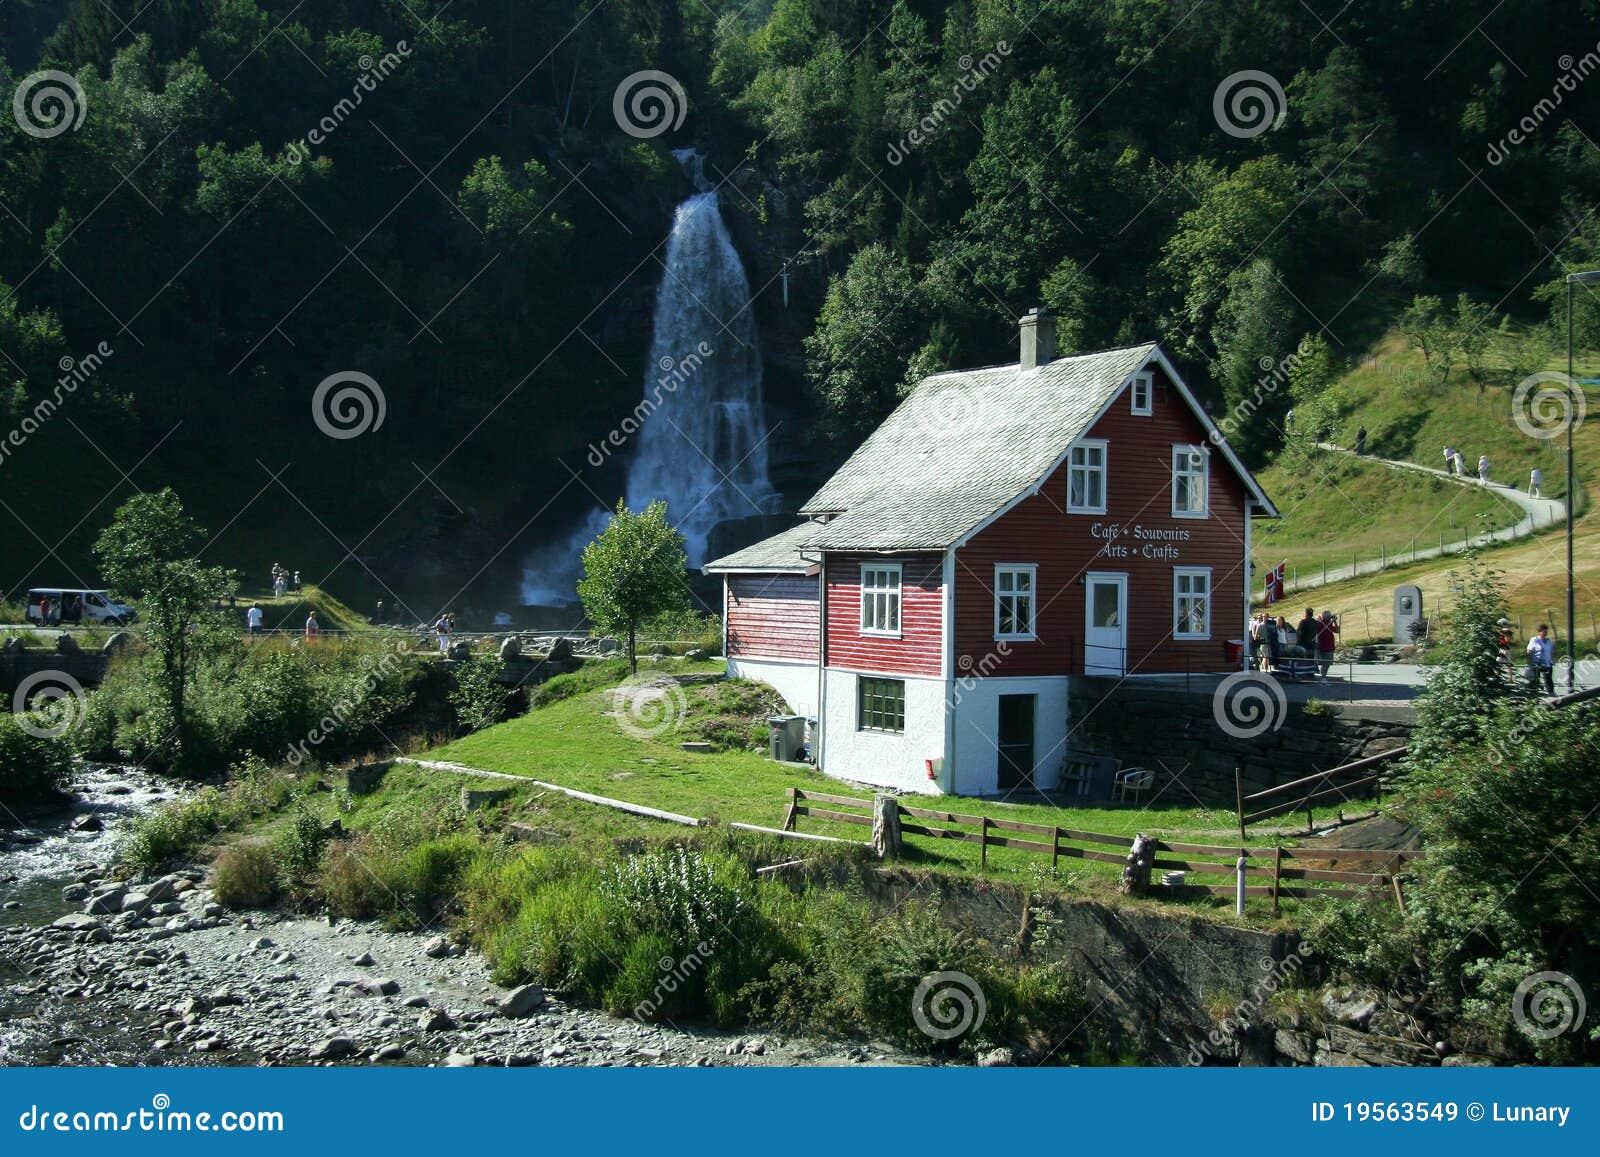 Haus und Wasserfall stockbild Bild von wasser landschaft